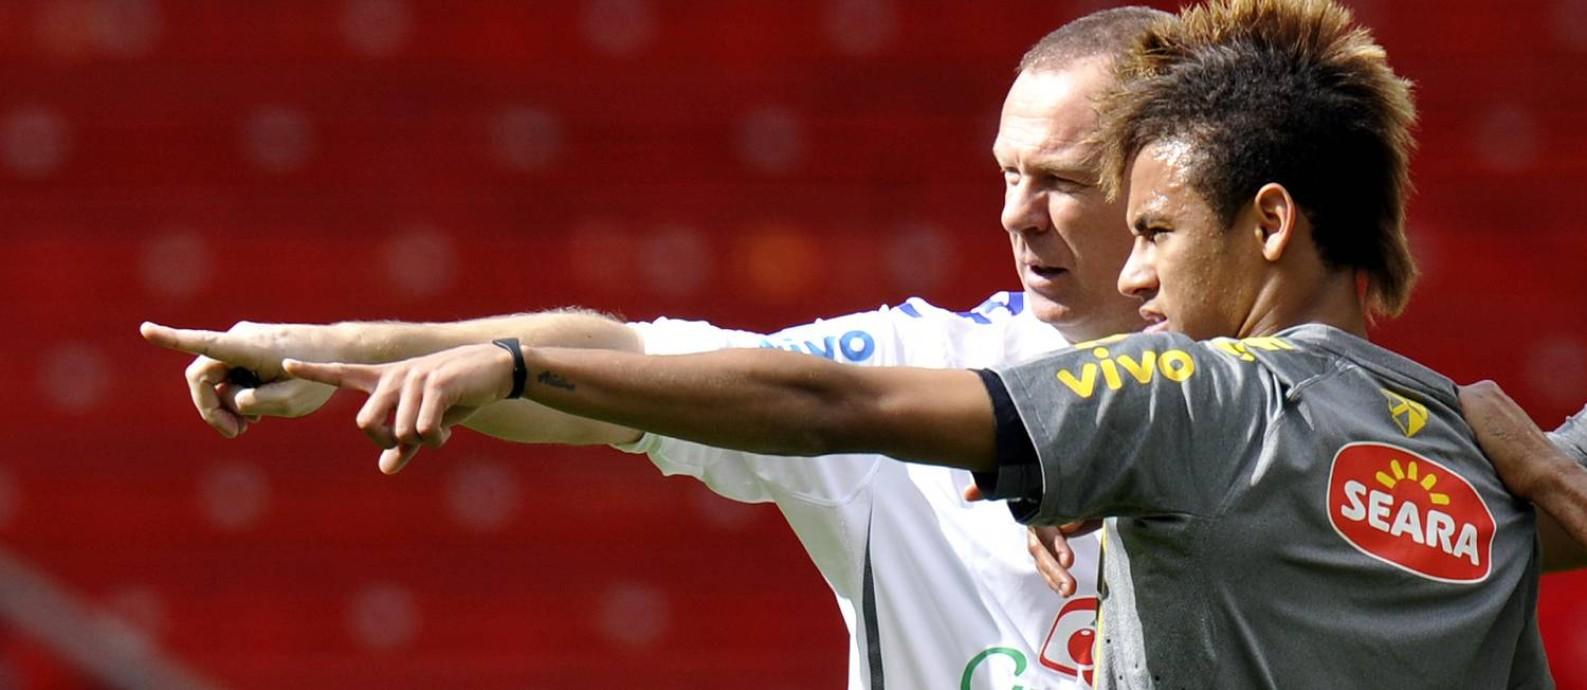 Mano Menezes foi o primeiro a convocar Neymar para a seleção, em 2010 Foto: THOMAS KIENZLE / AFP